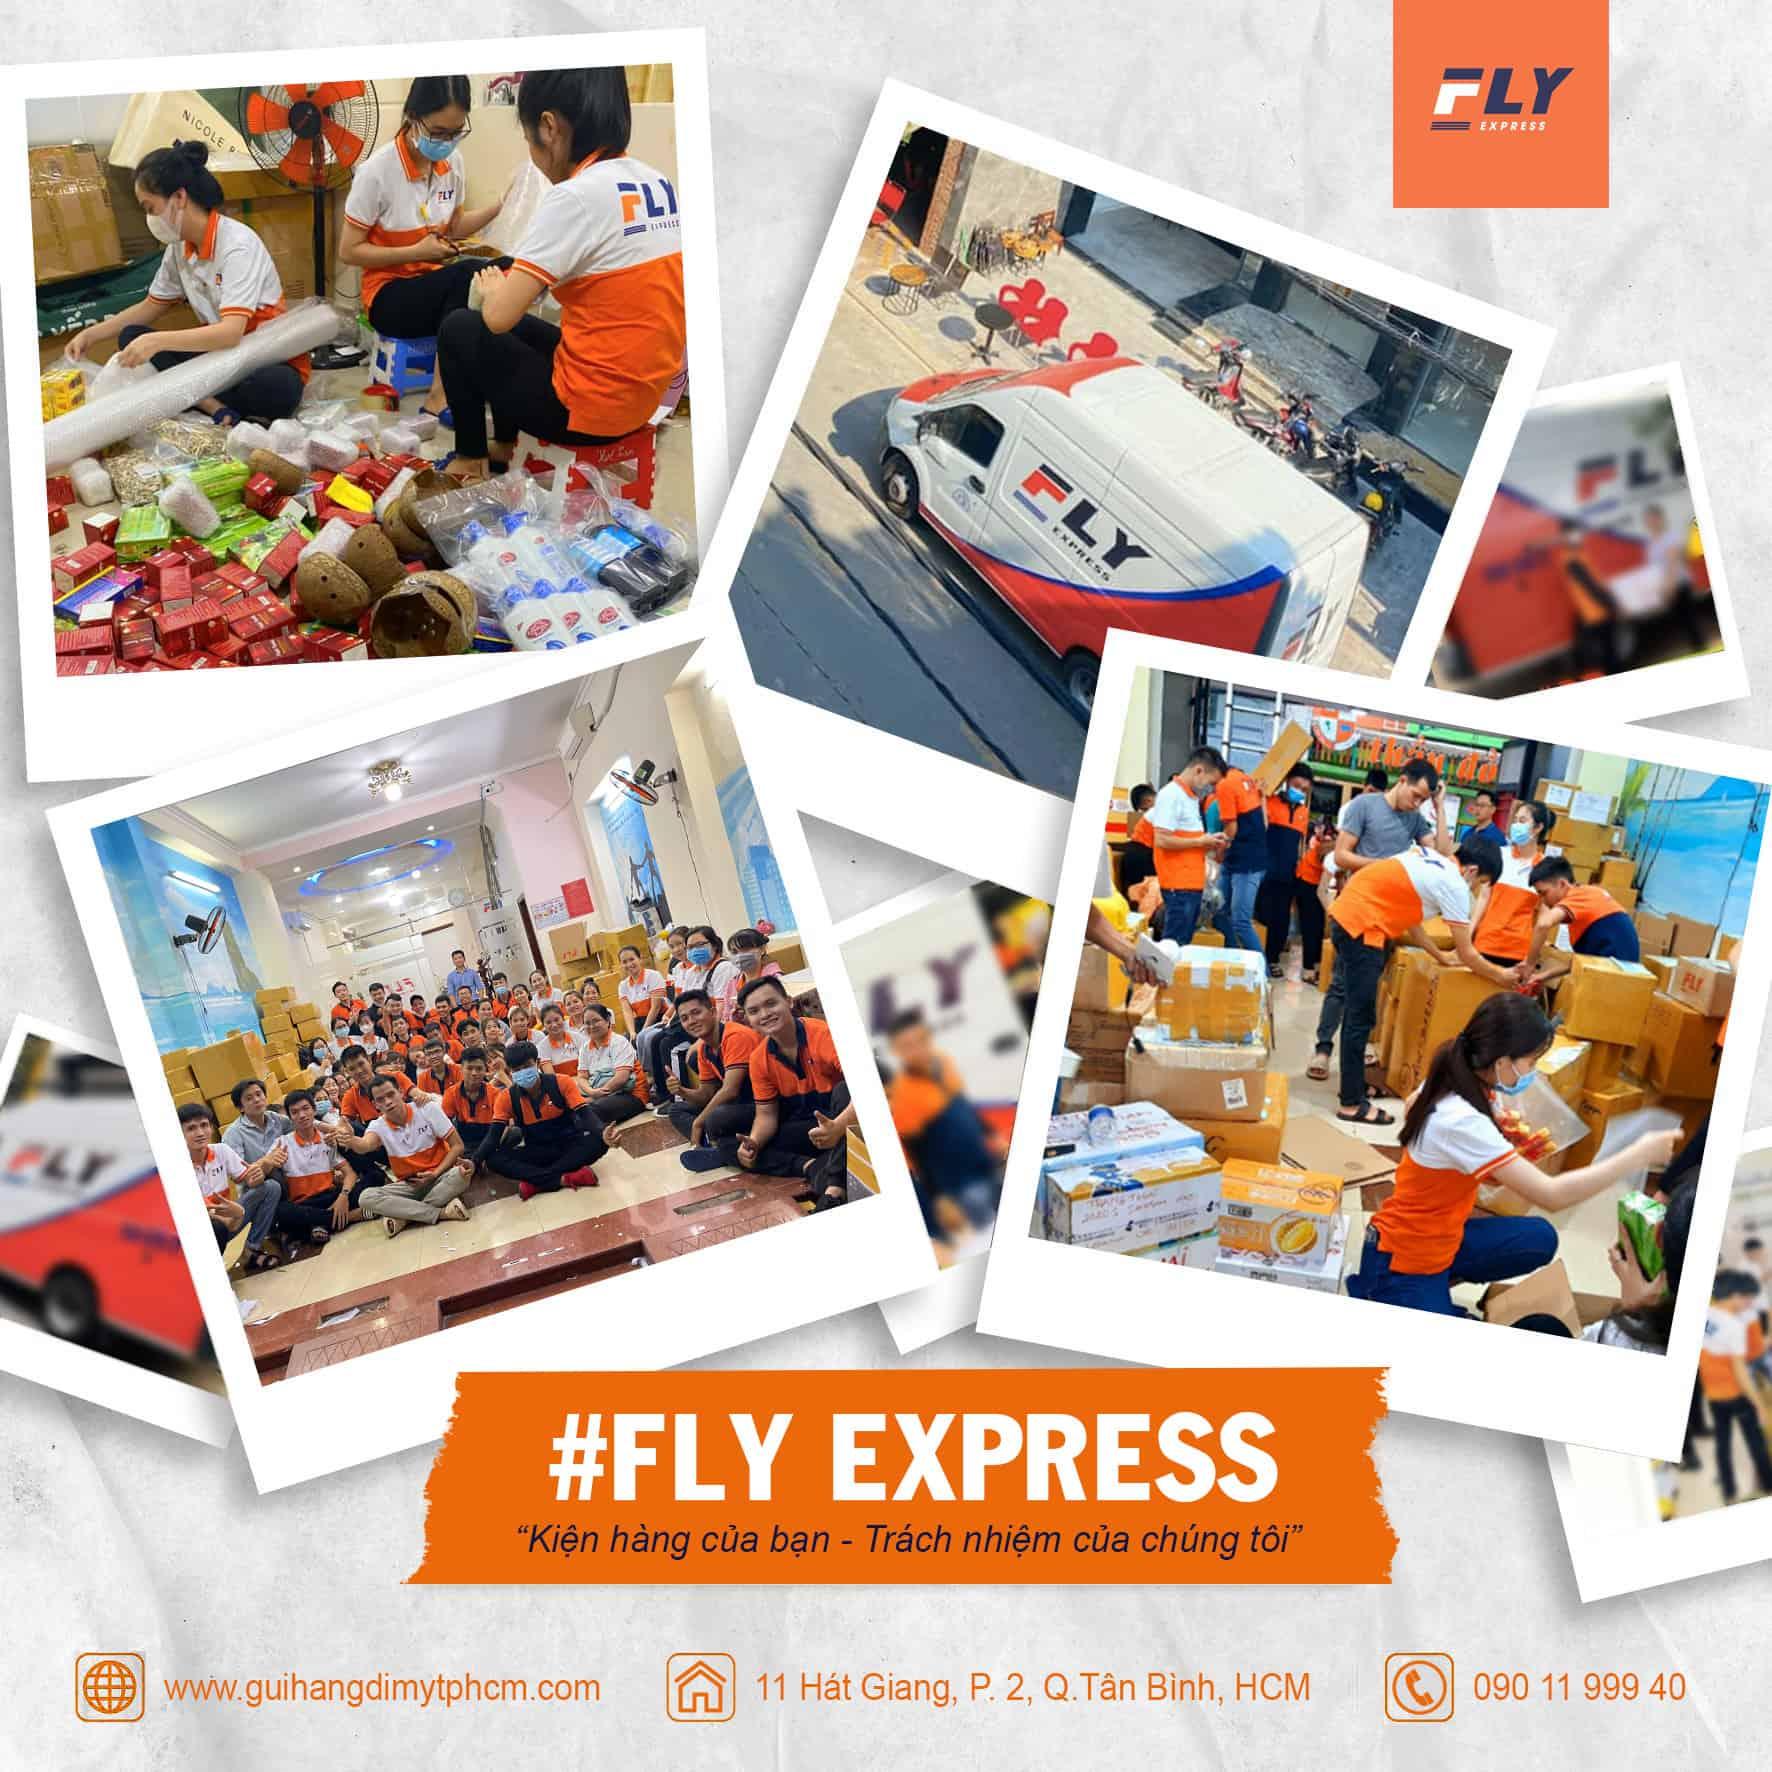 Gửi hàng đi Mỹ tại quận 7 của FLY Express